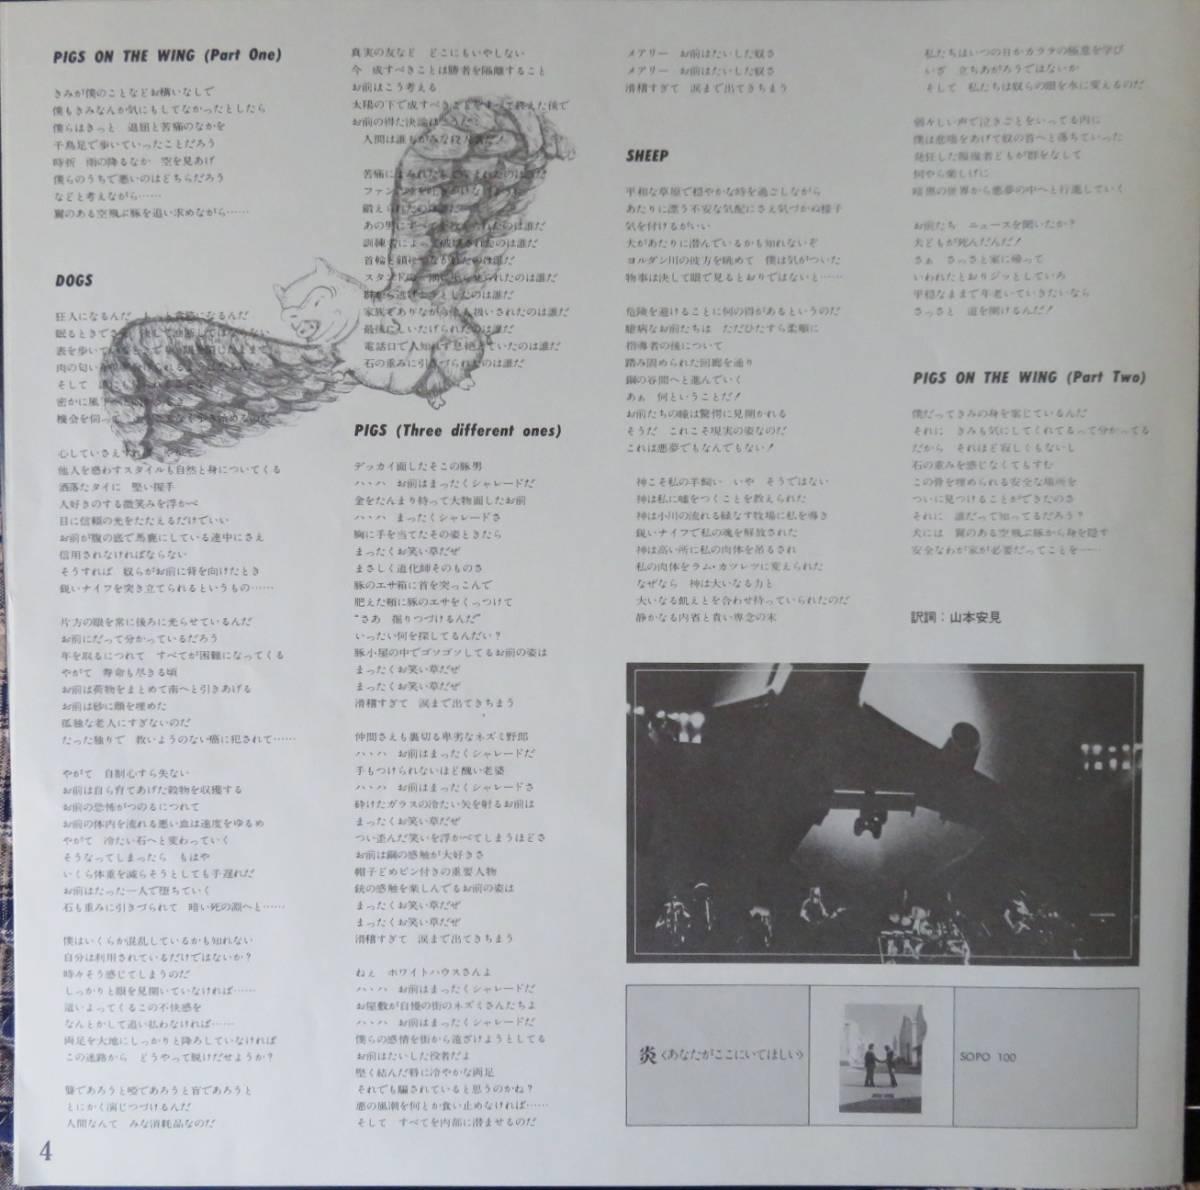 【LP・帯付】 ピンク・フロイド Pink Floyd / 『アニマルズ』(Animals) 空を飛ぶブタ_画像10